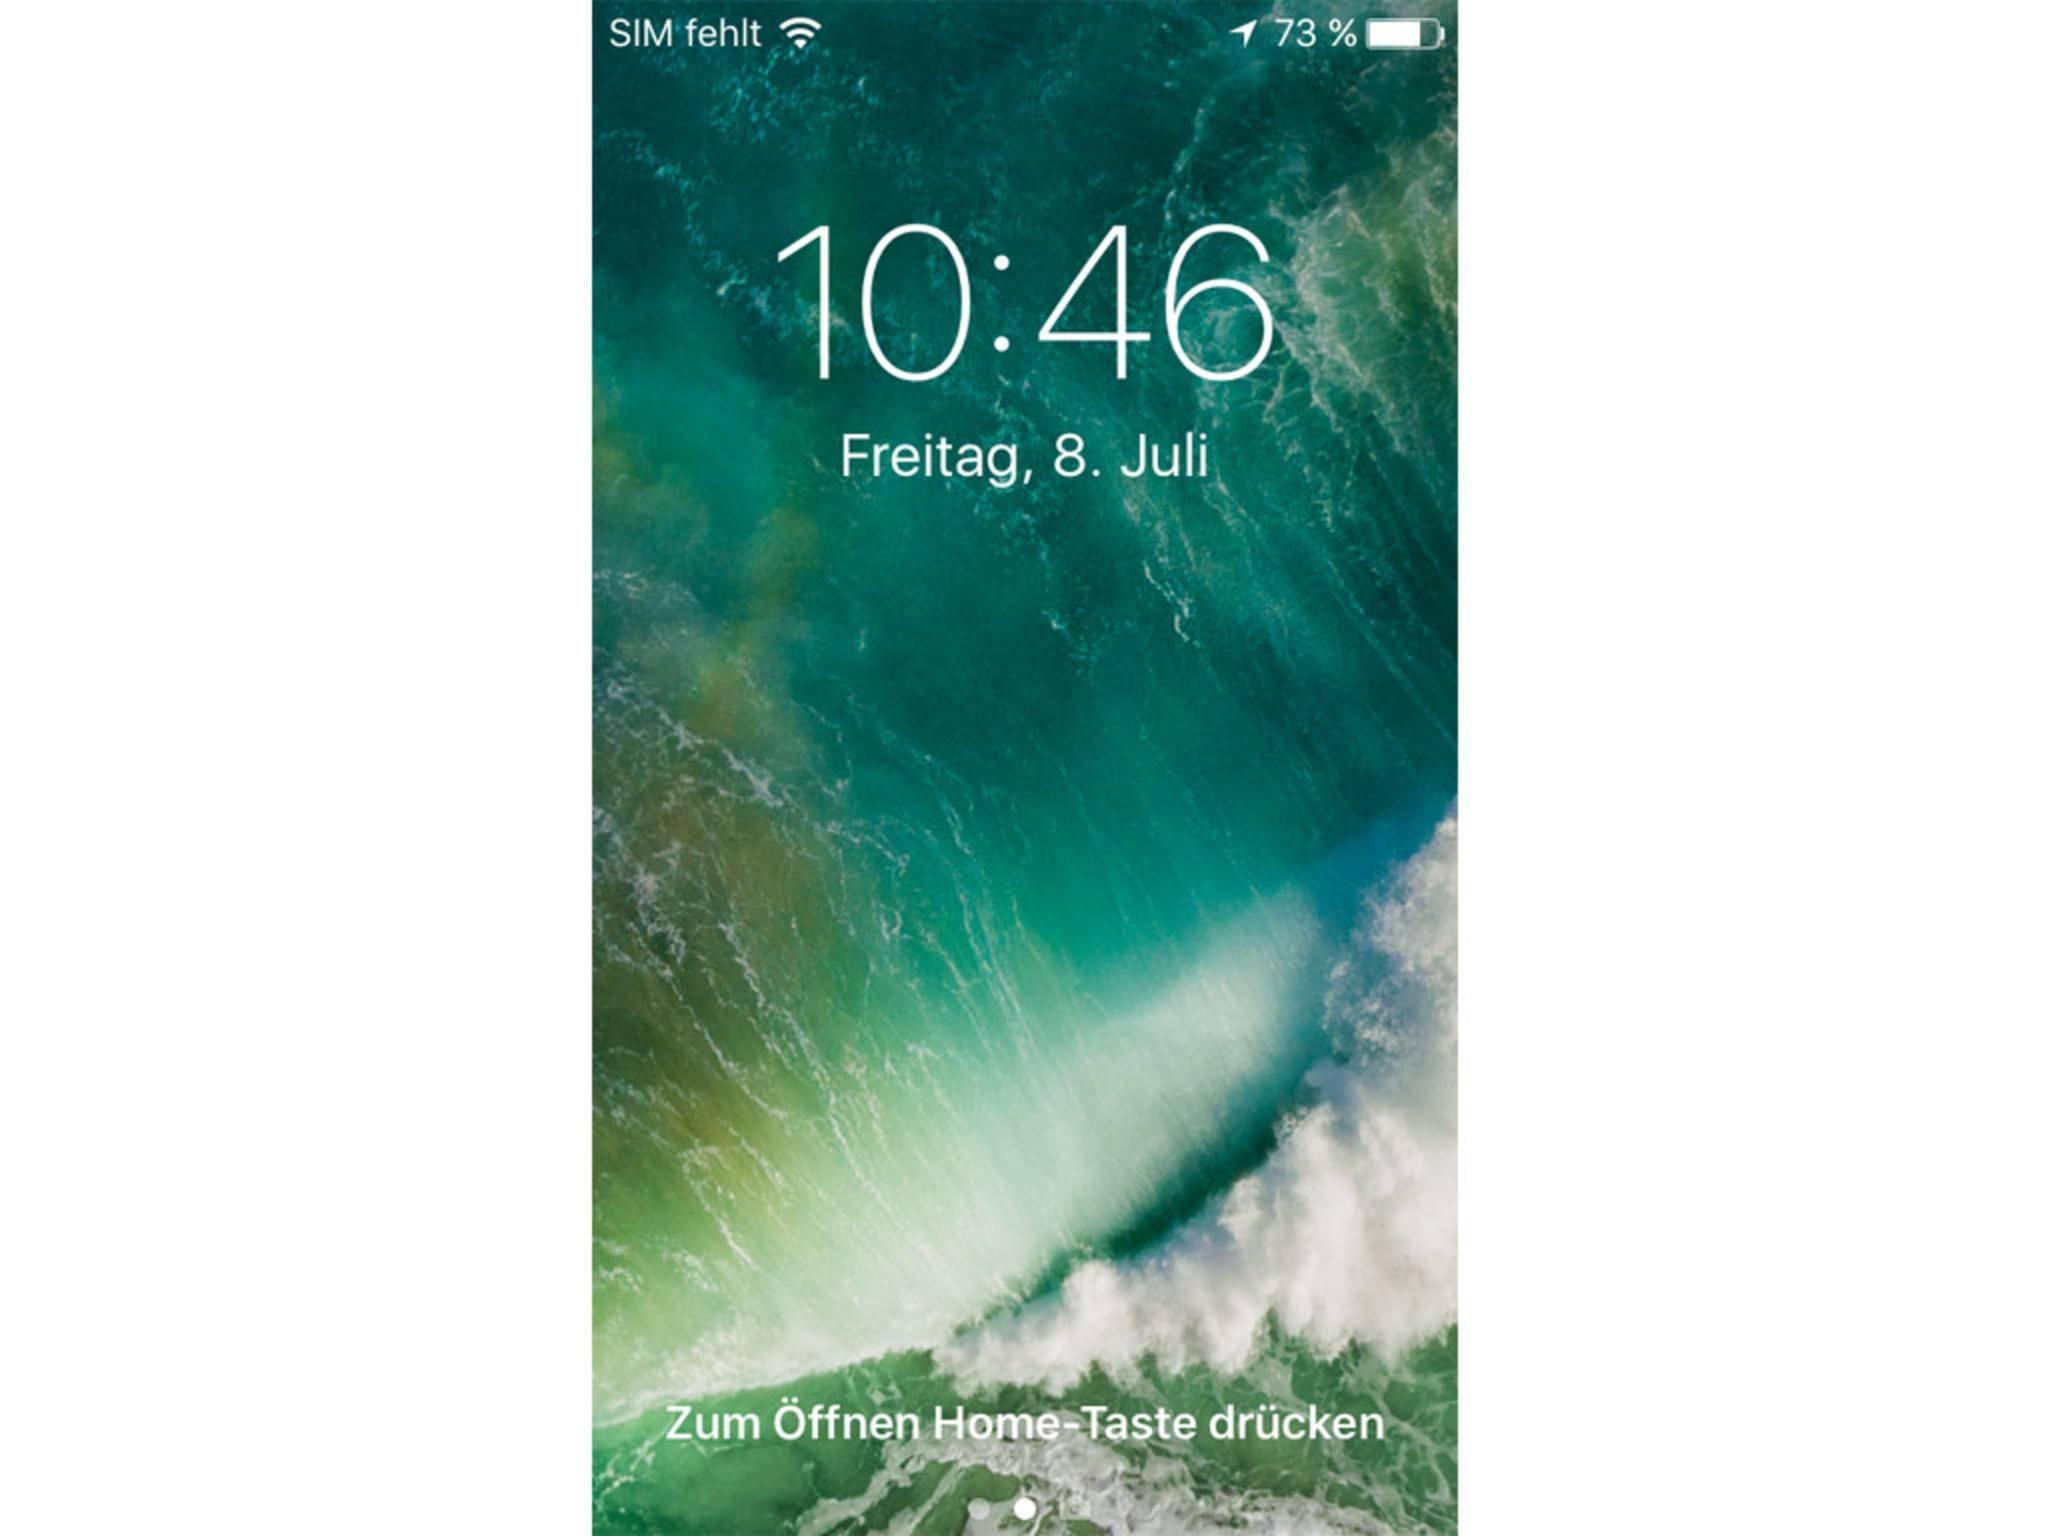 Slide-to-unlock sucht man in iOS 10 auf dem Sperrbildschirm vergebens.